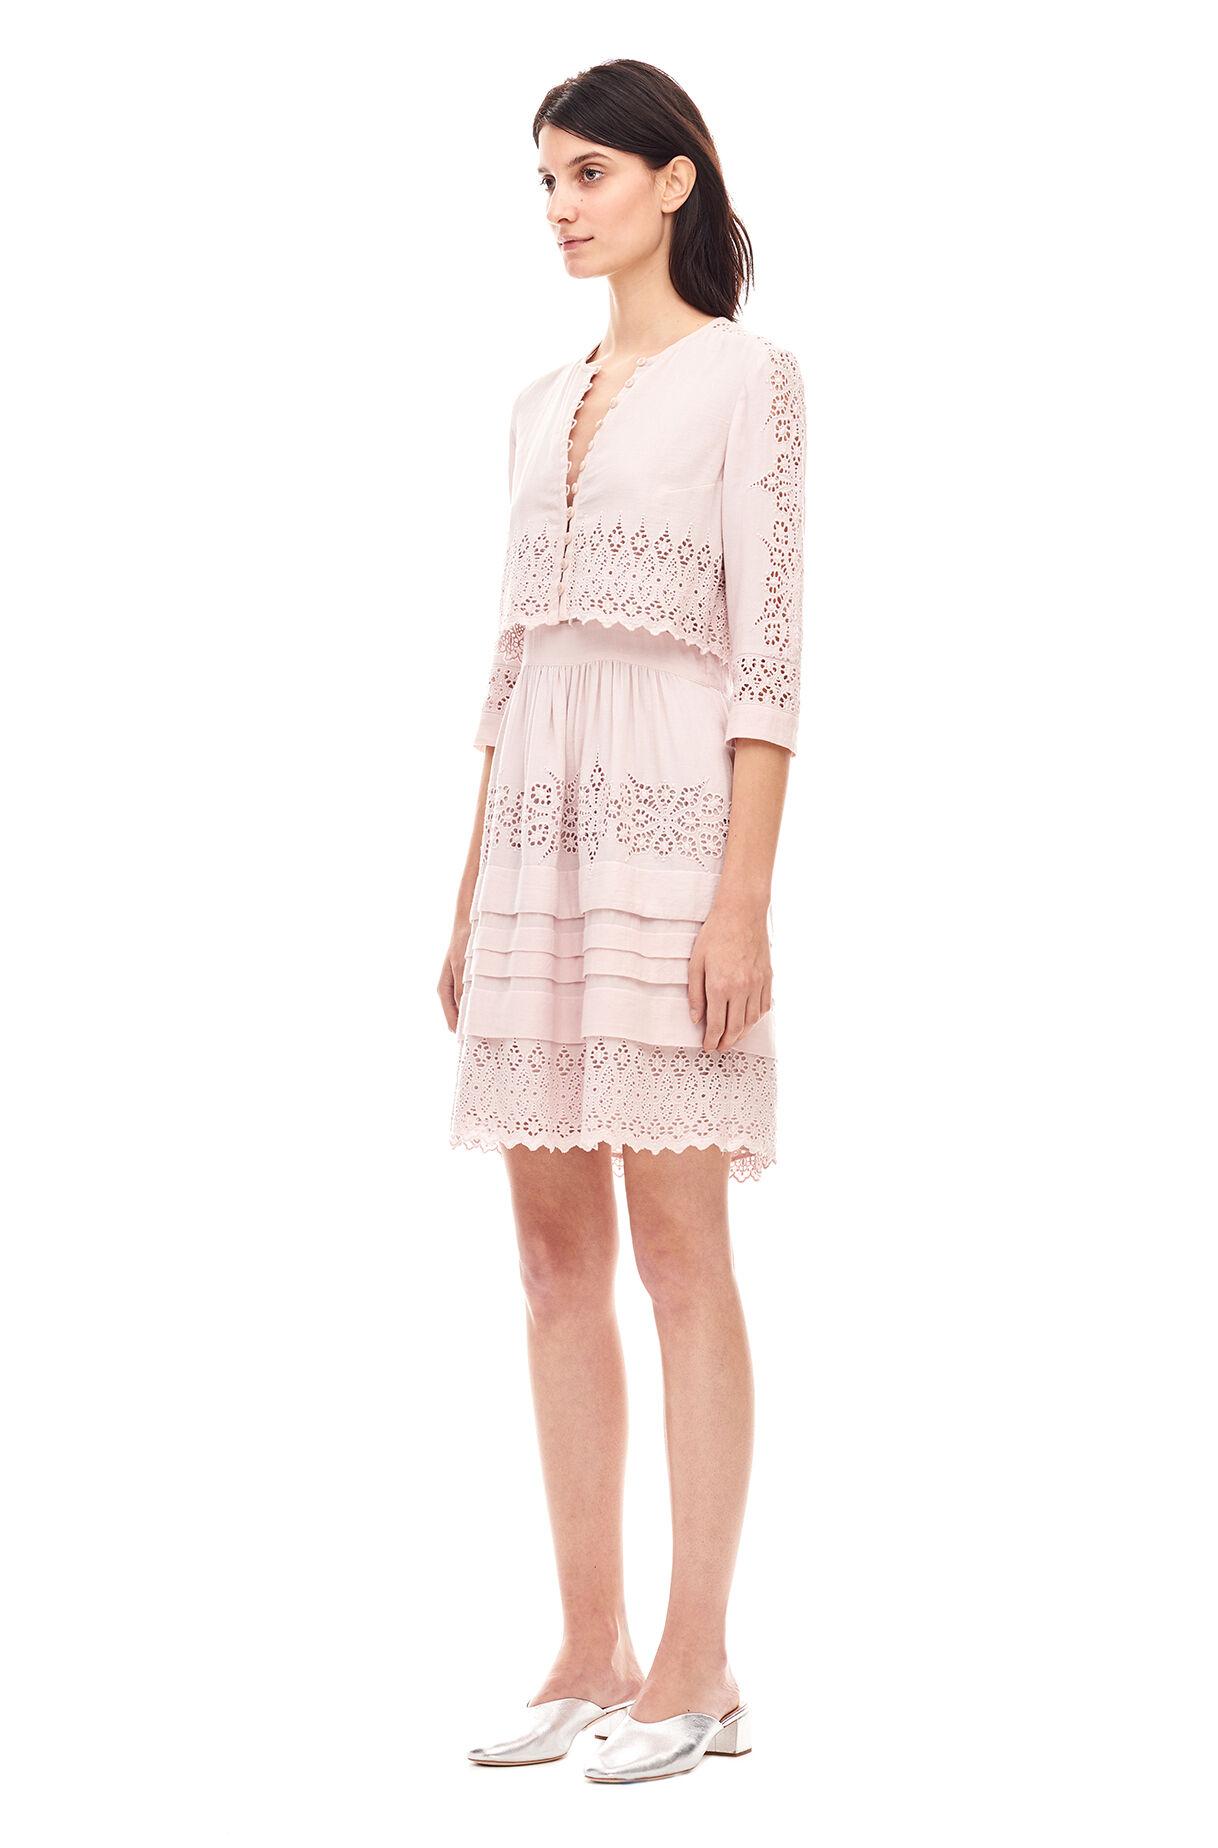 rebecca taylor dress white